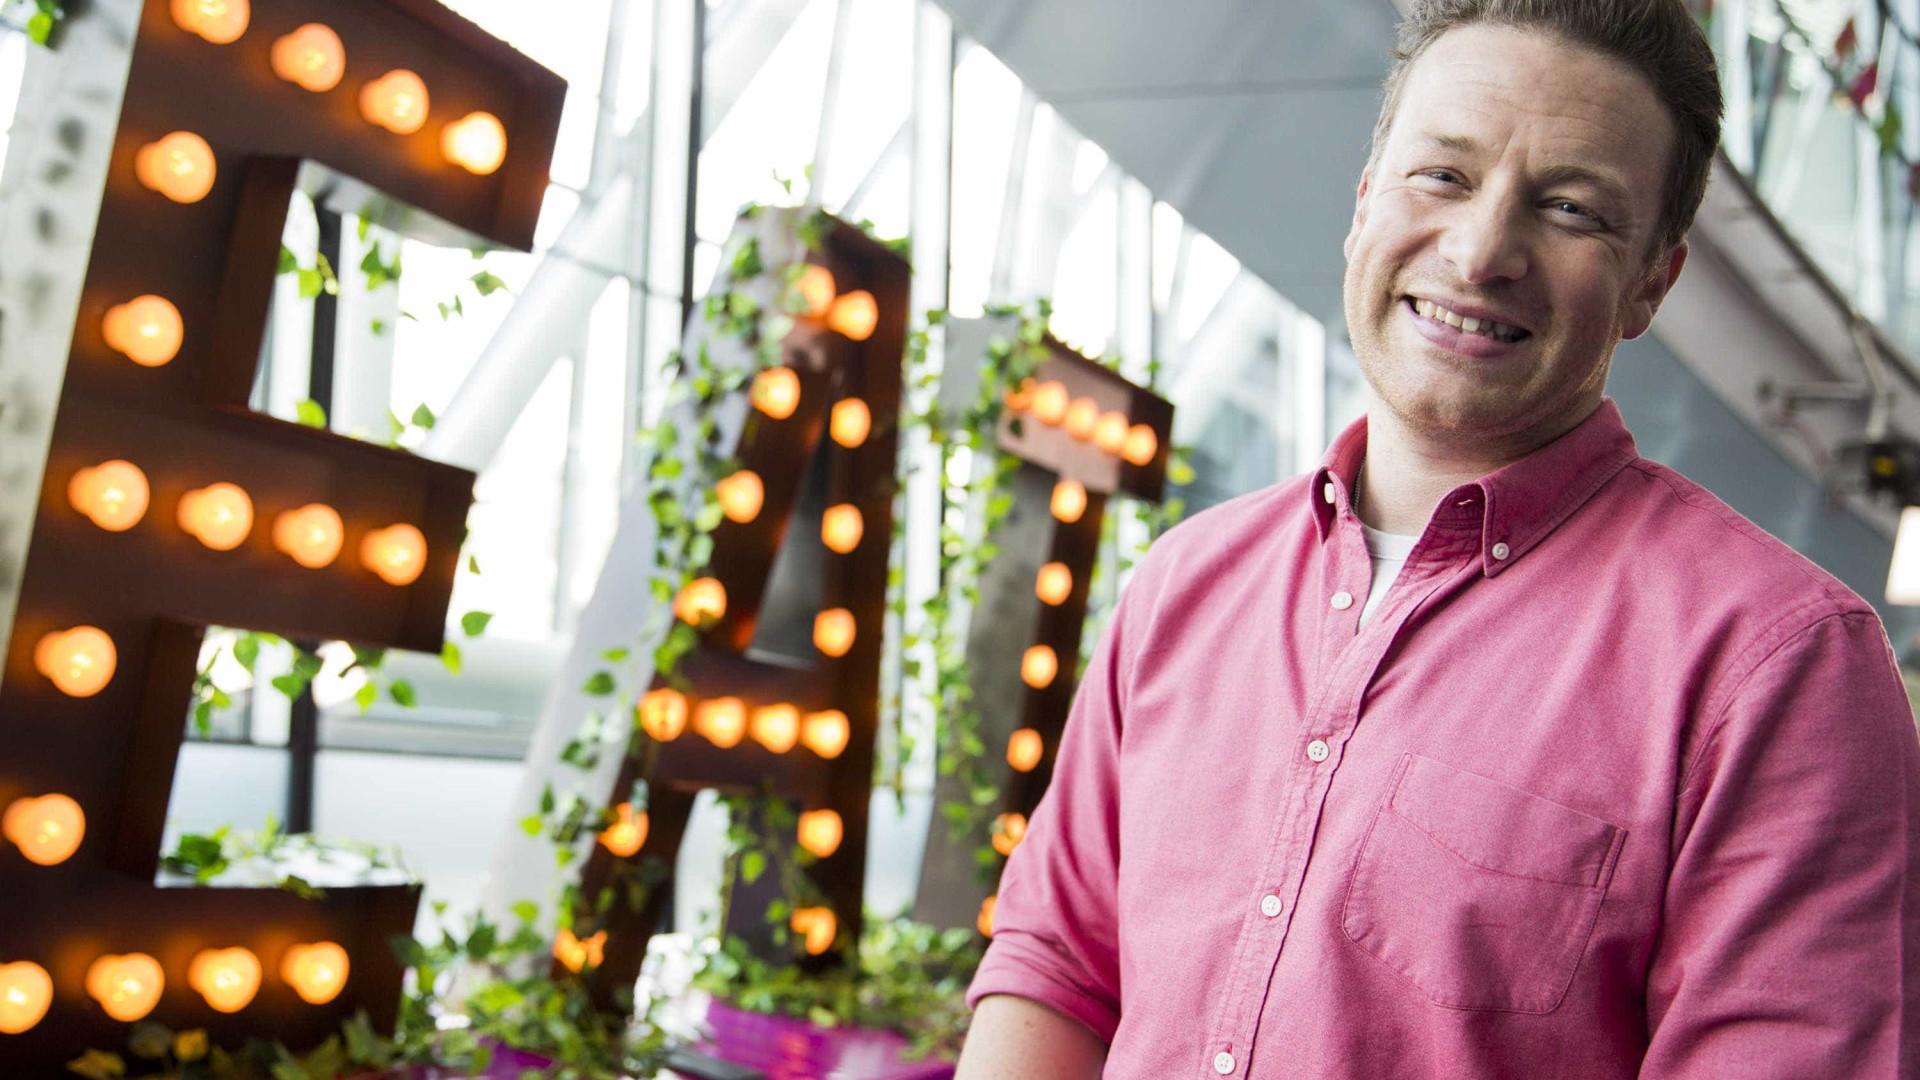 Mesmo sendo contra, Jamie Oliver não proíbe filhos de comer 'junk food'